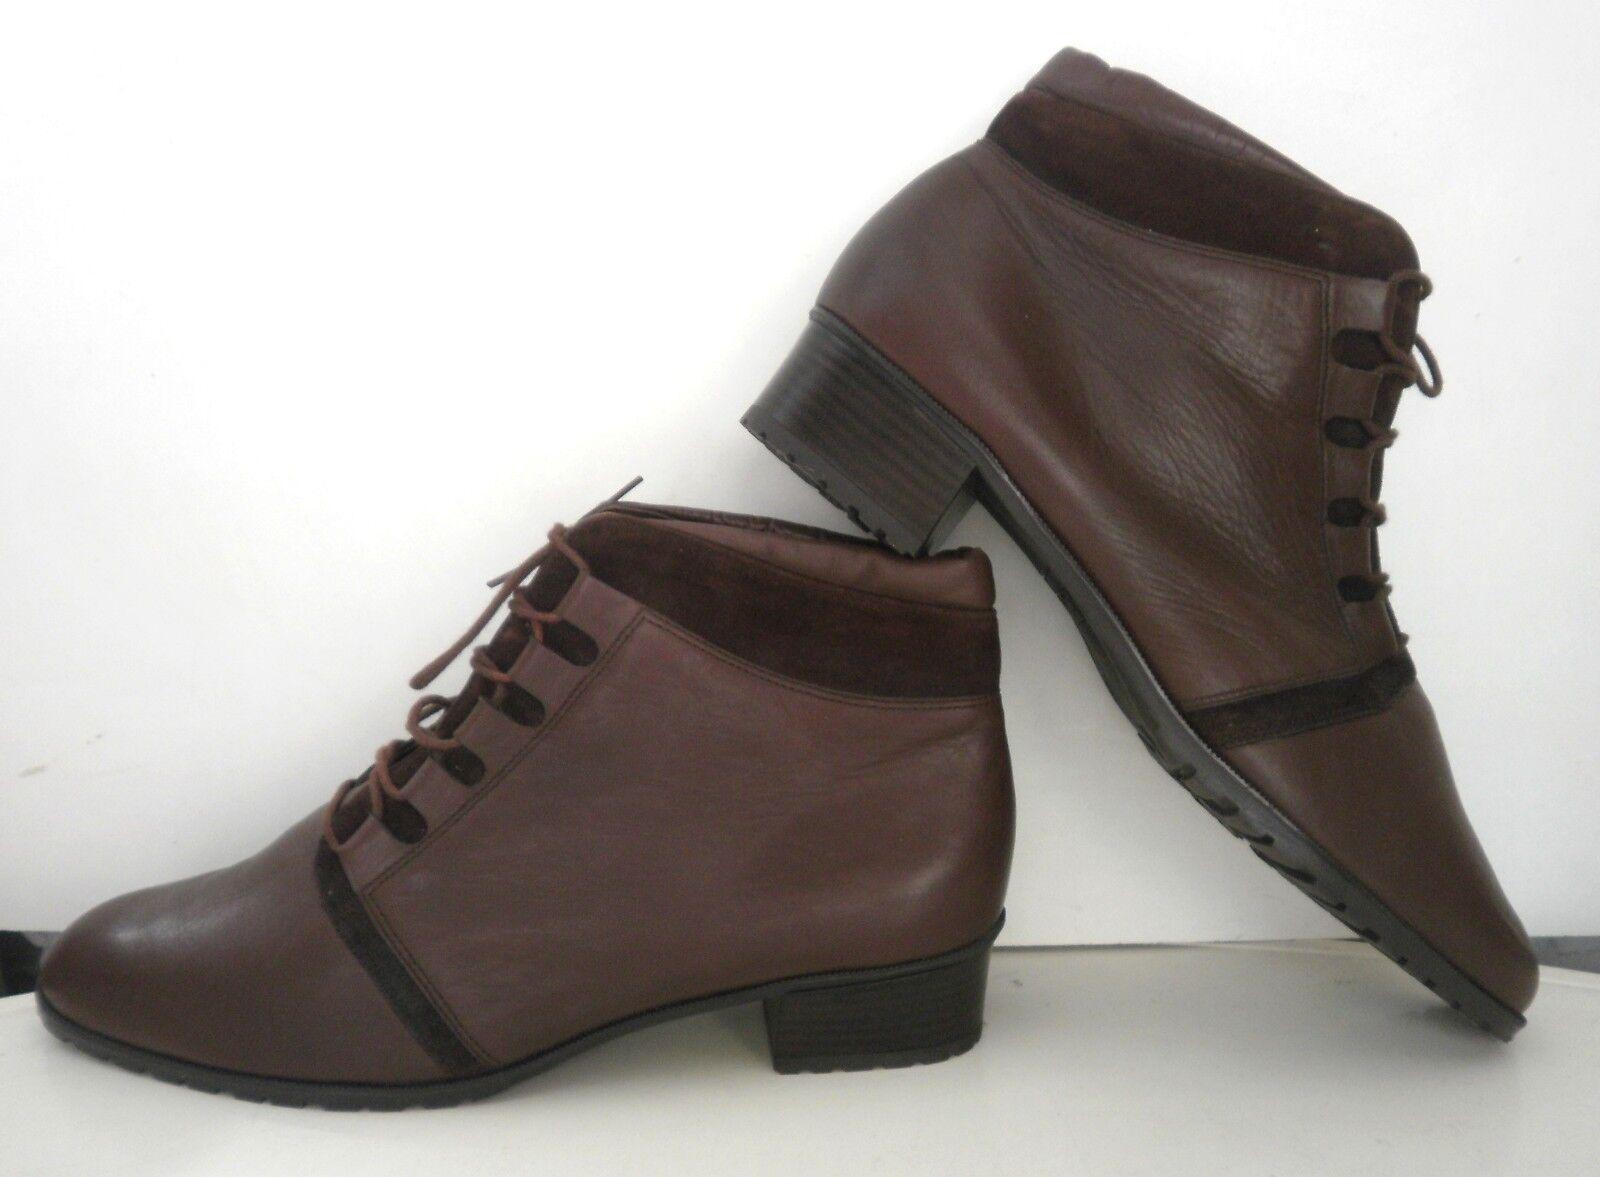 Zapatos especiales con descuento Damen Schnürschuhe Schnürstiefelette Stiefelette REMONTE TRUE VINTAGE braun NOS